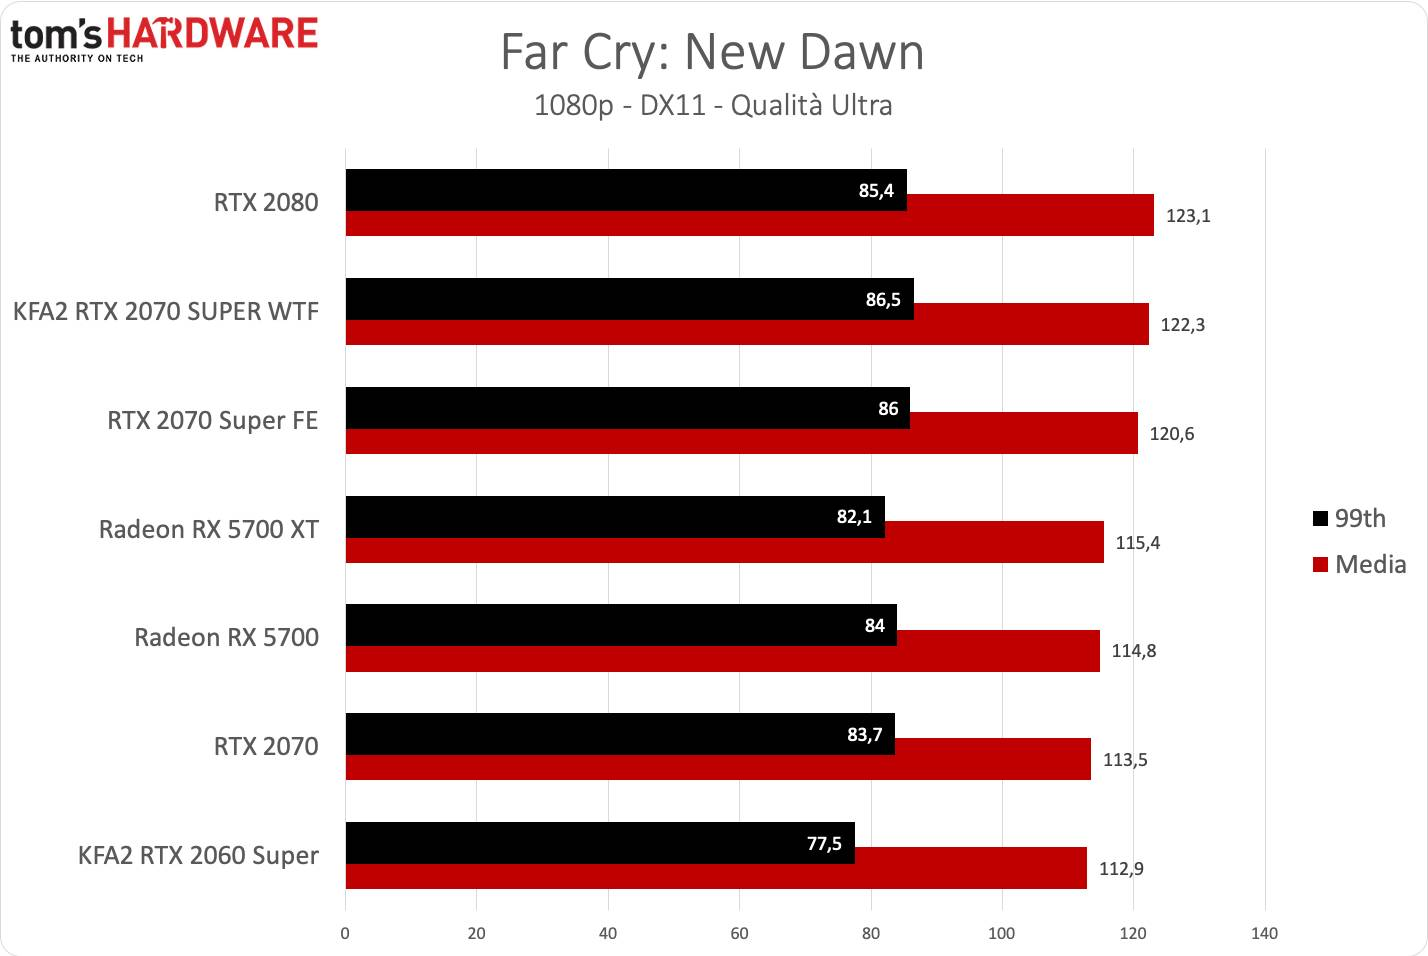 KFA2 RTX 2070 SUPER WTF - Far Cry FHD